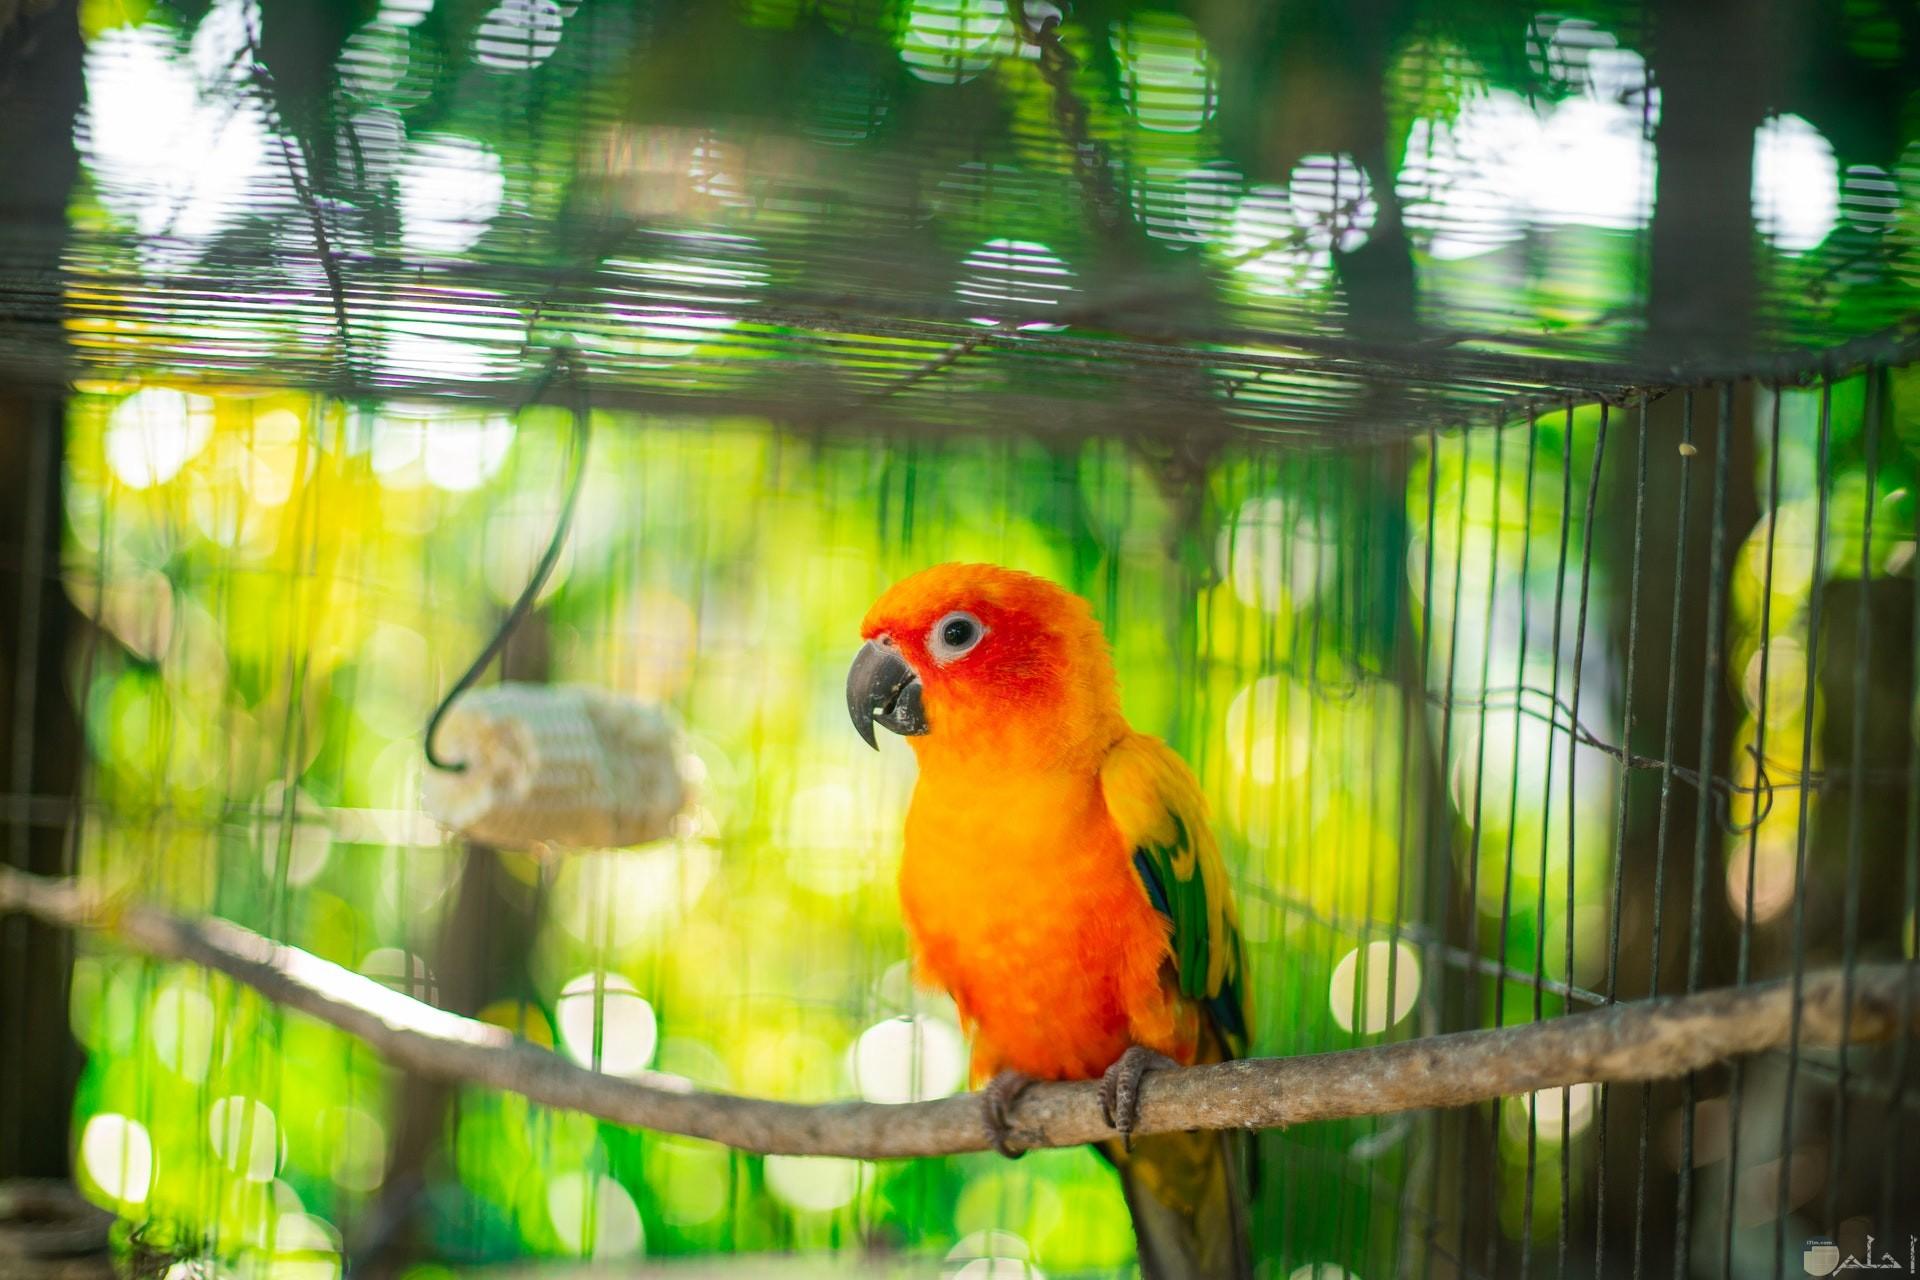 صورة جميلة لطائر ملون باللون الأصفر والبرتقالي والأخضر موجود داخل قفص